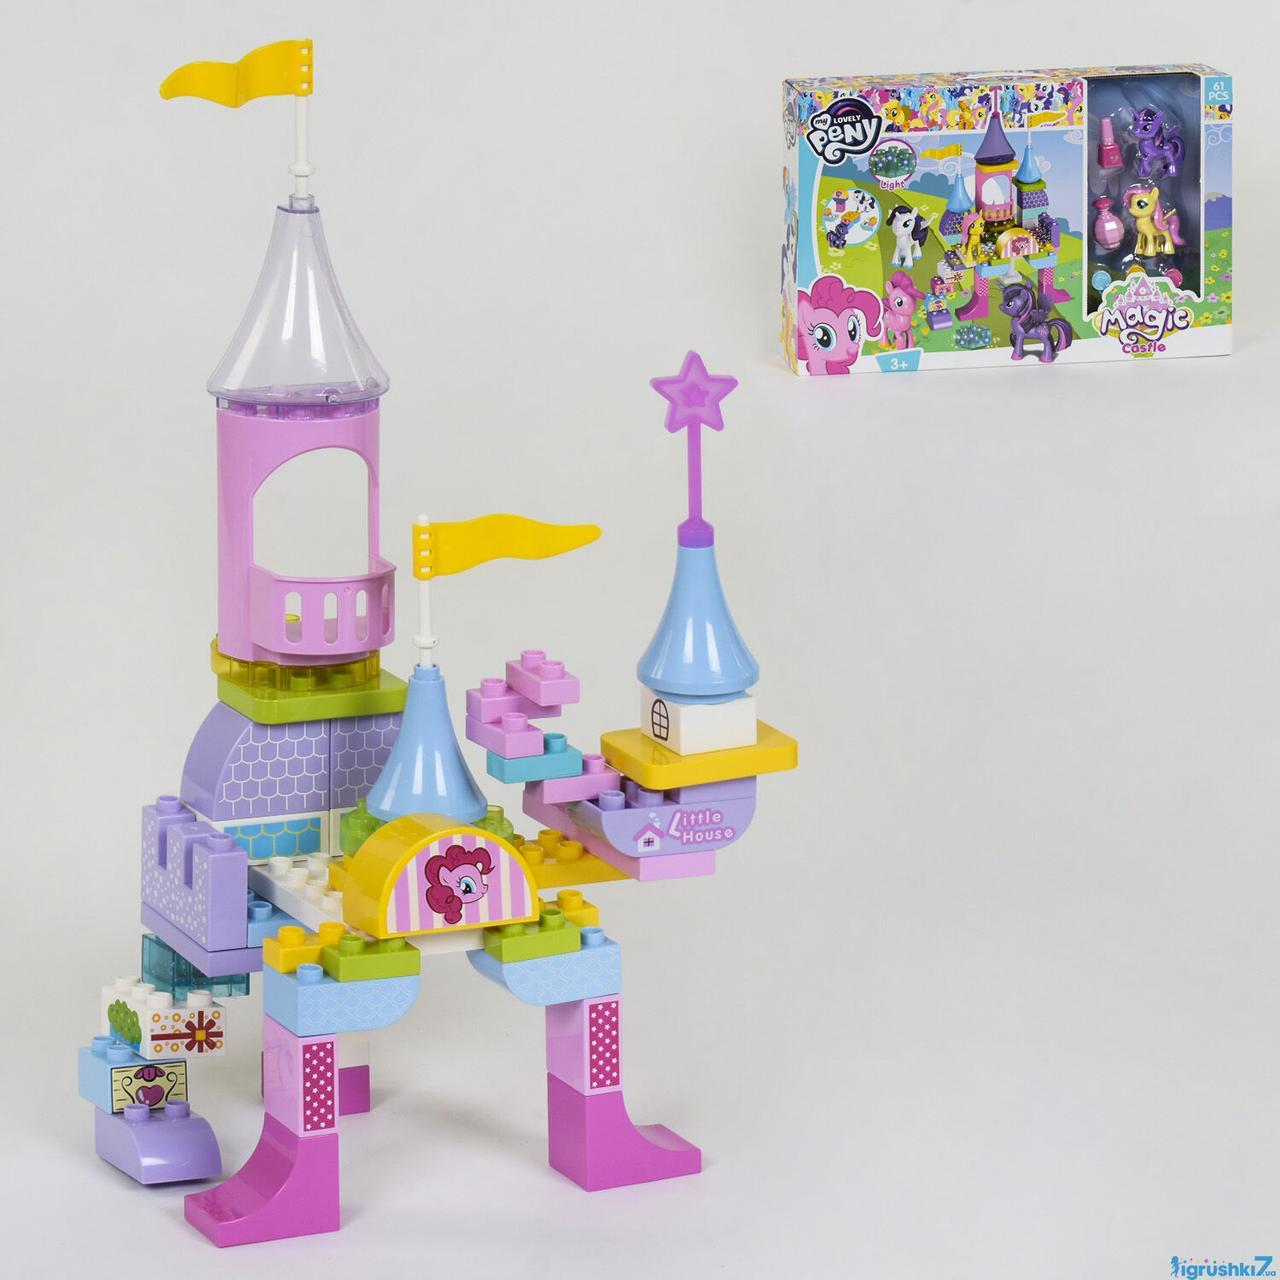 Конструктор светящийся  Замок Пони 5721, 61 крупных деталей